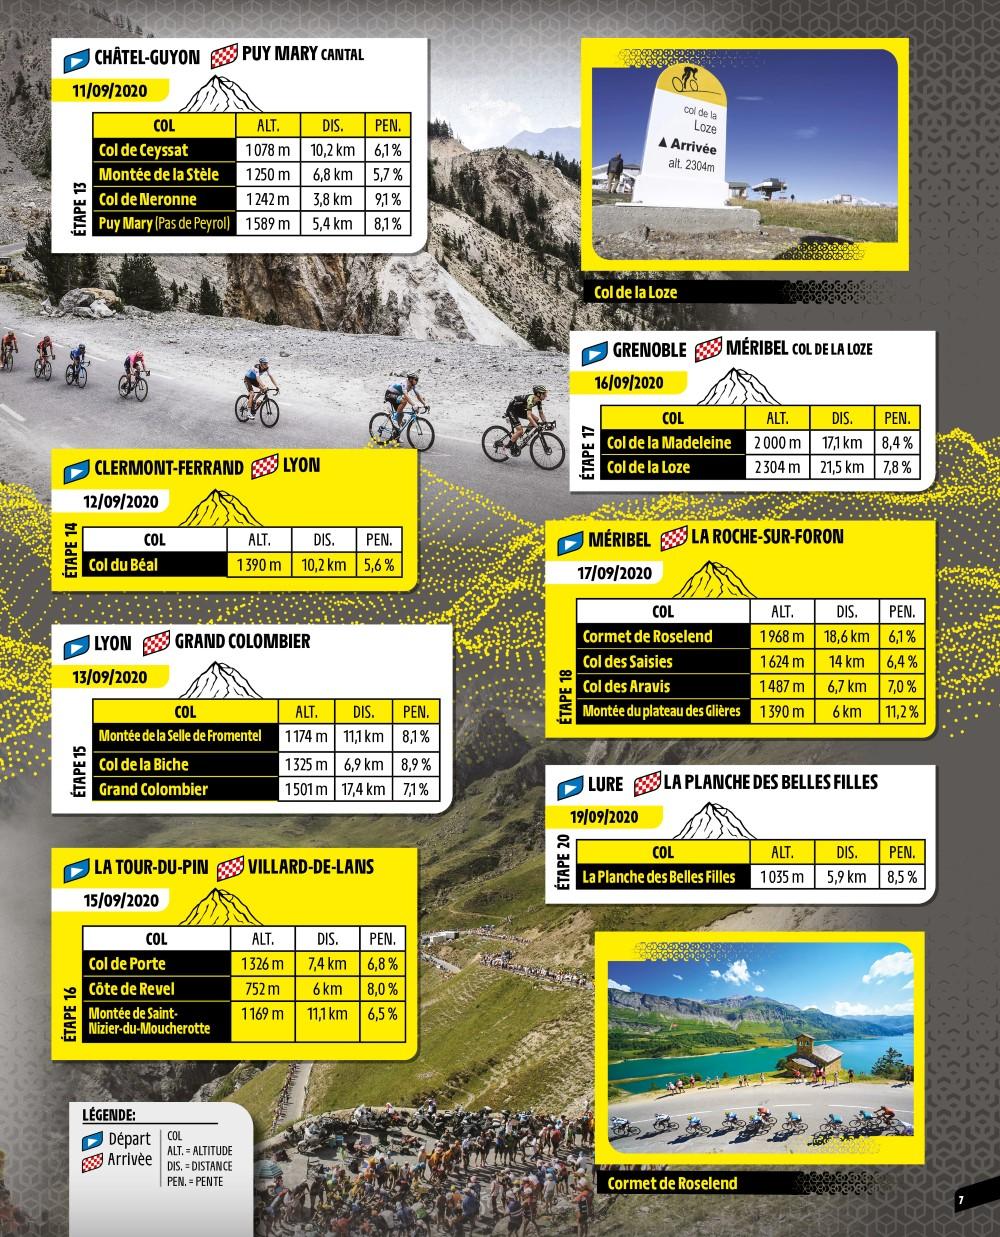 PANINI TOUR DE FRANCE 2020 PAGE 7 ETAPES